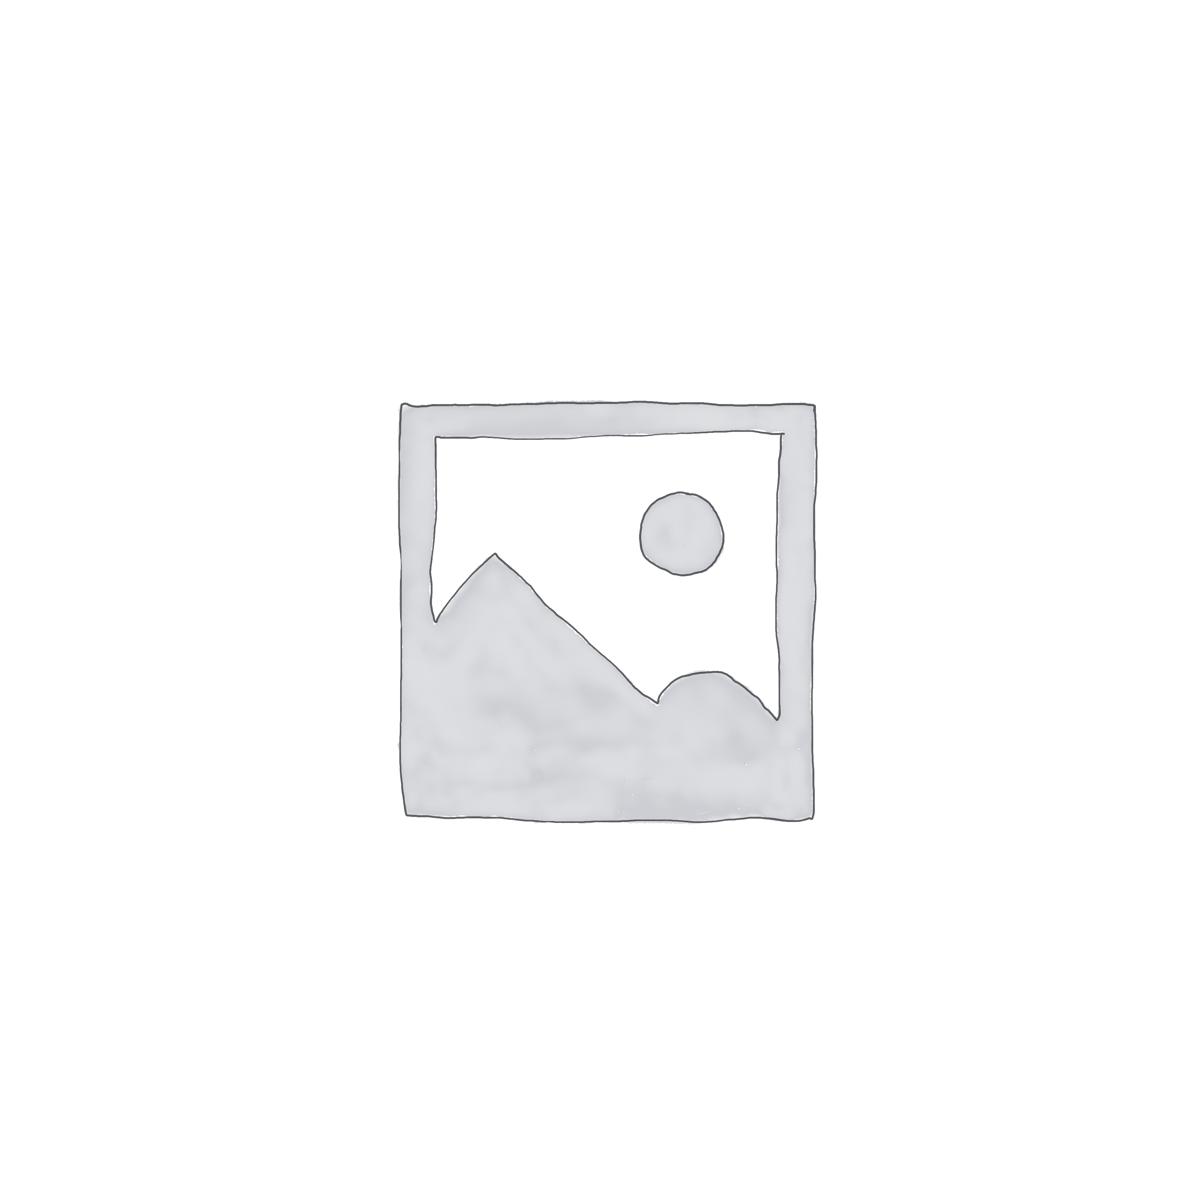 Автоматика для напольных котлов Buderus Logamatic 4211/4212